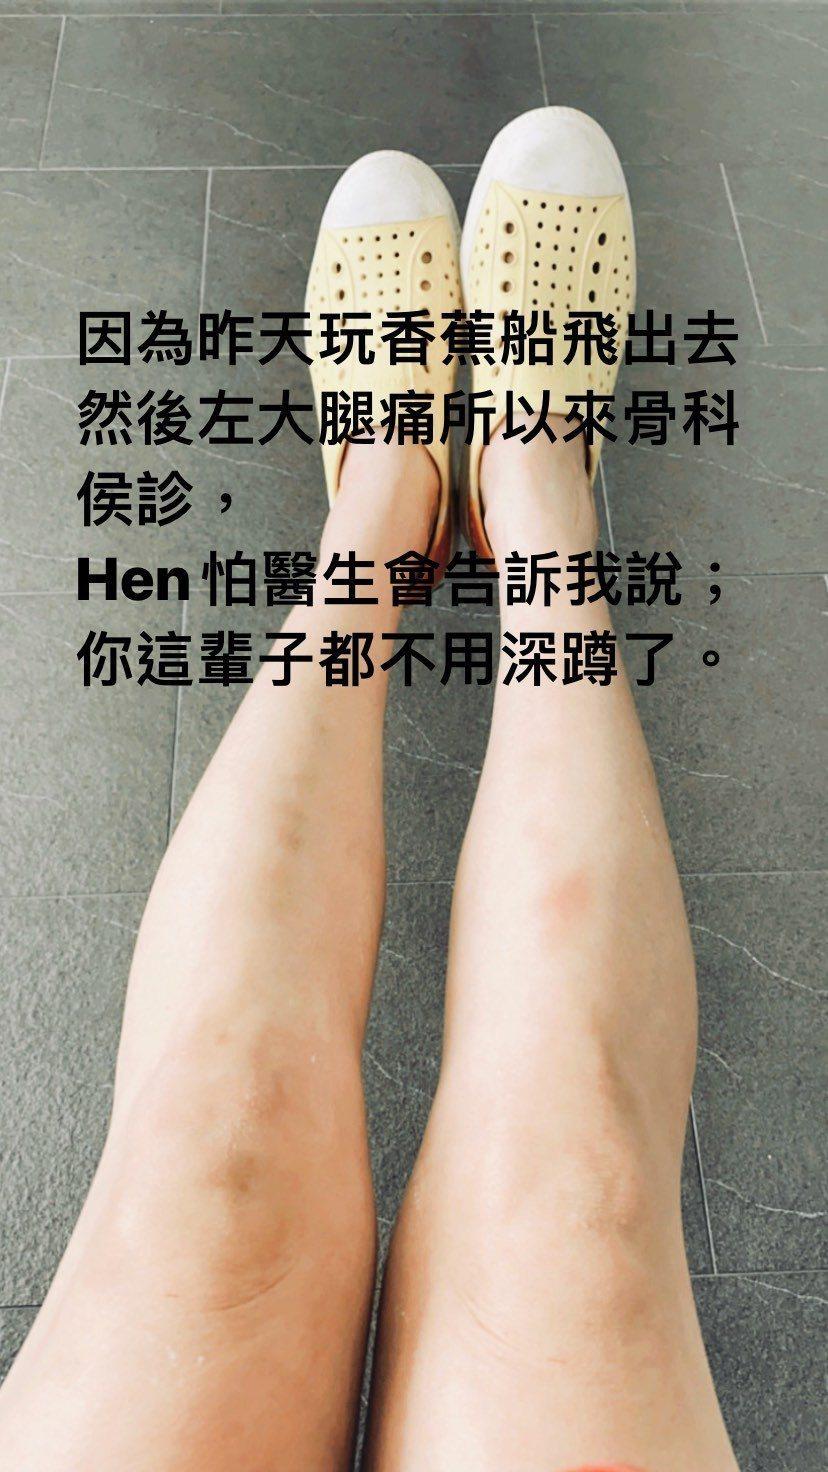 謝忻玩香蕉船後左大腿痛到骨科檢查。 圖/擷自謝忻IG